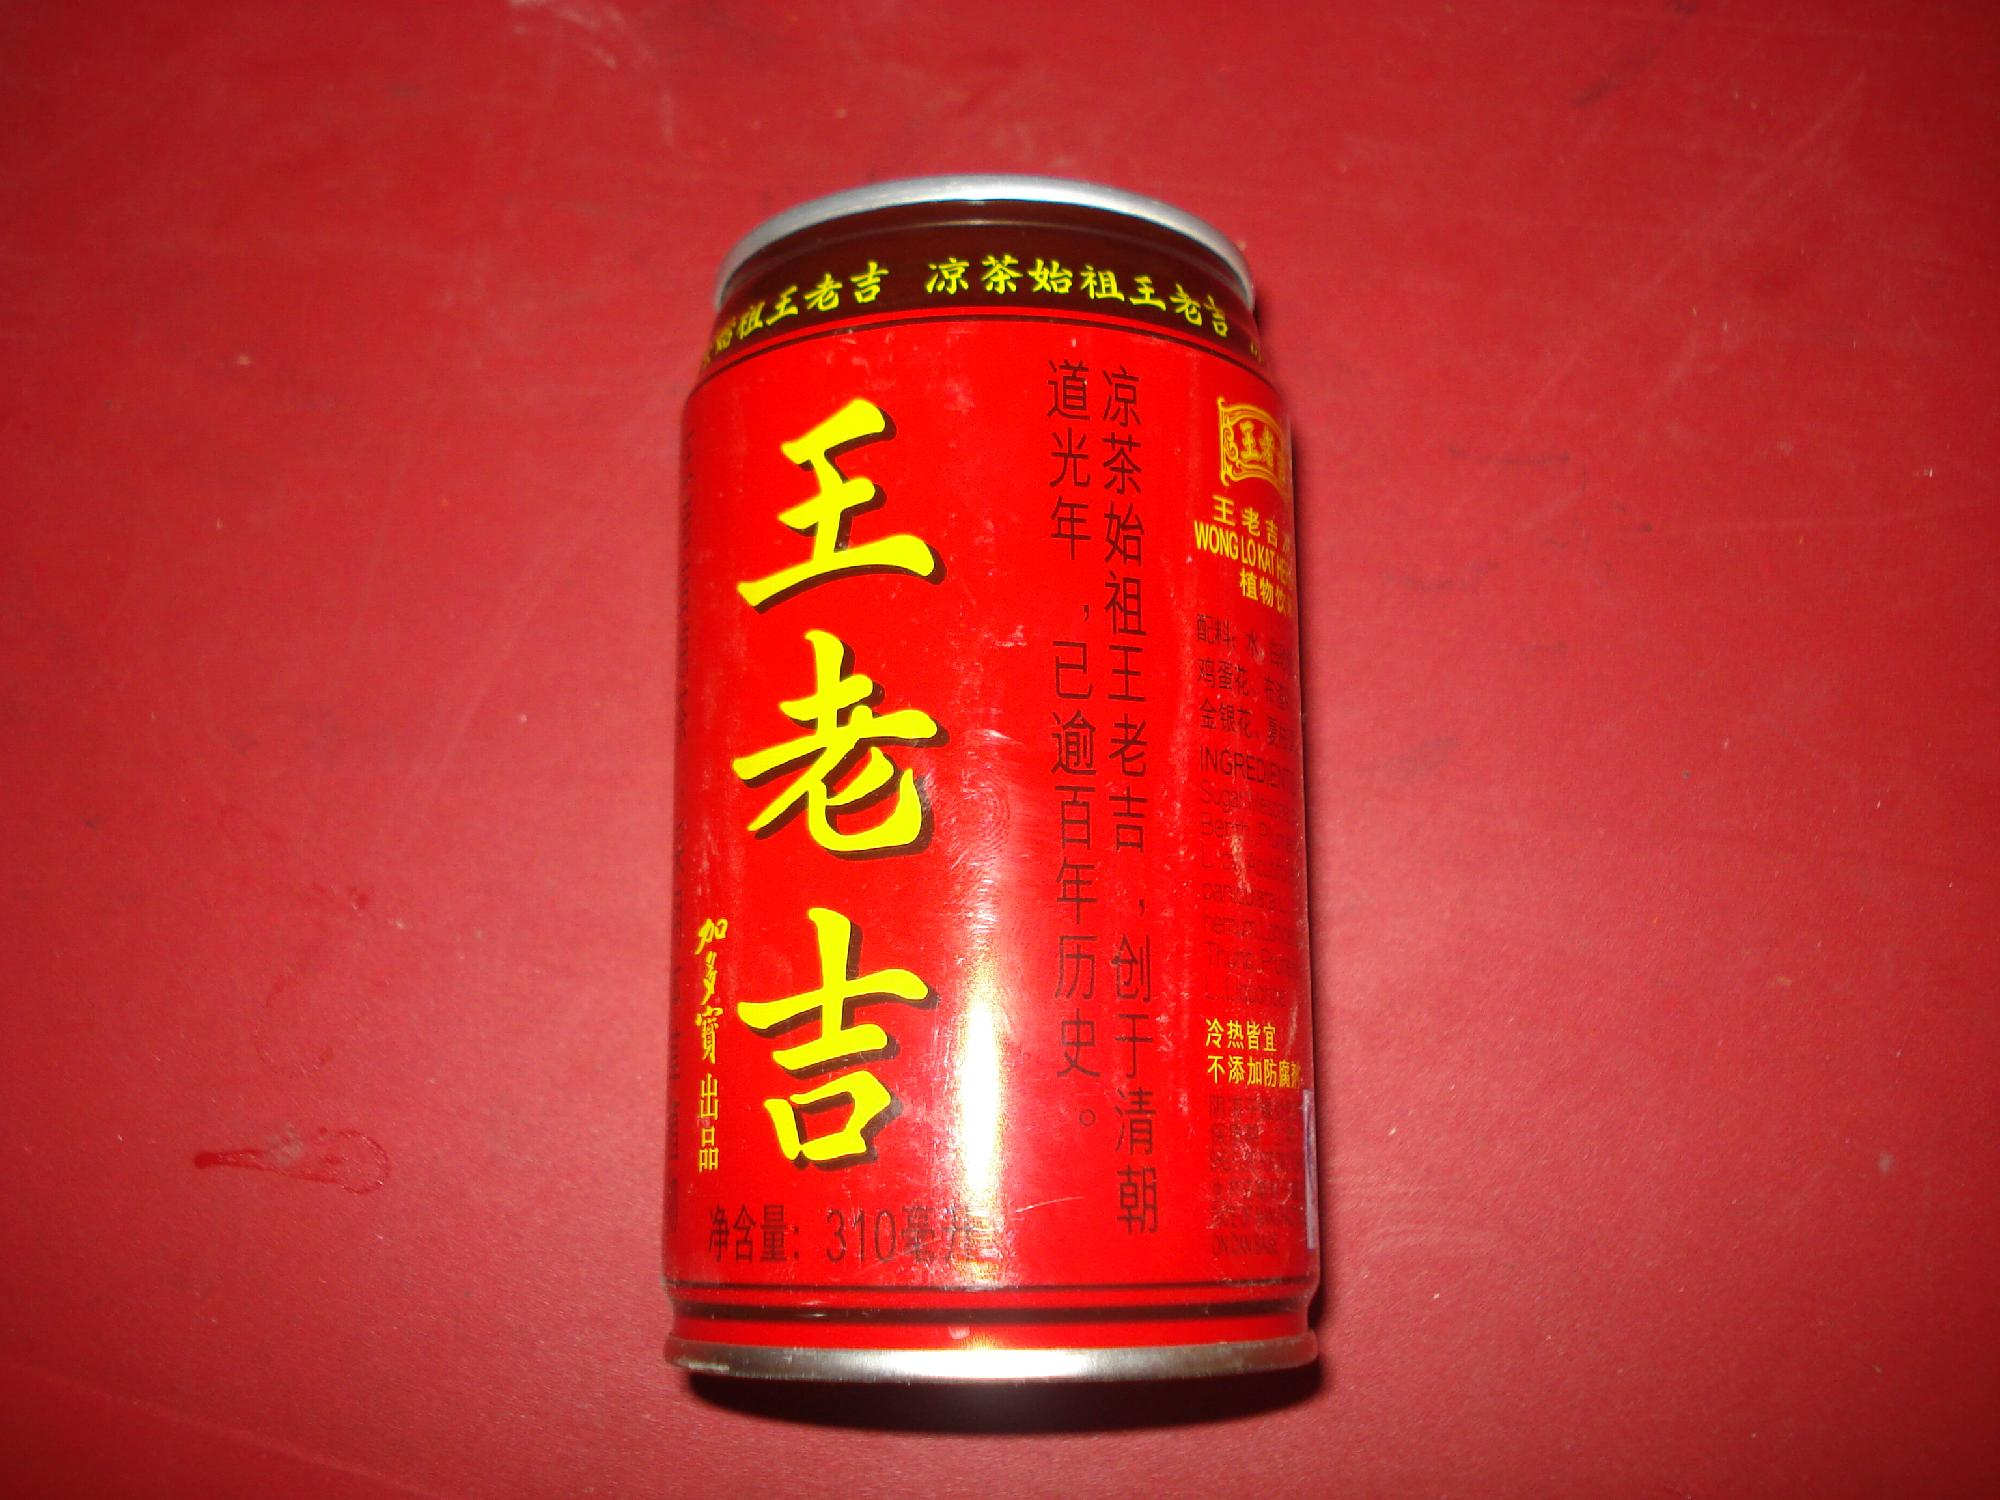 """5升瓶装王老吉凉茶,2012年12月27日王老吉凉茶家族再添""""吉祥三宝""""图片"""